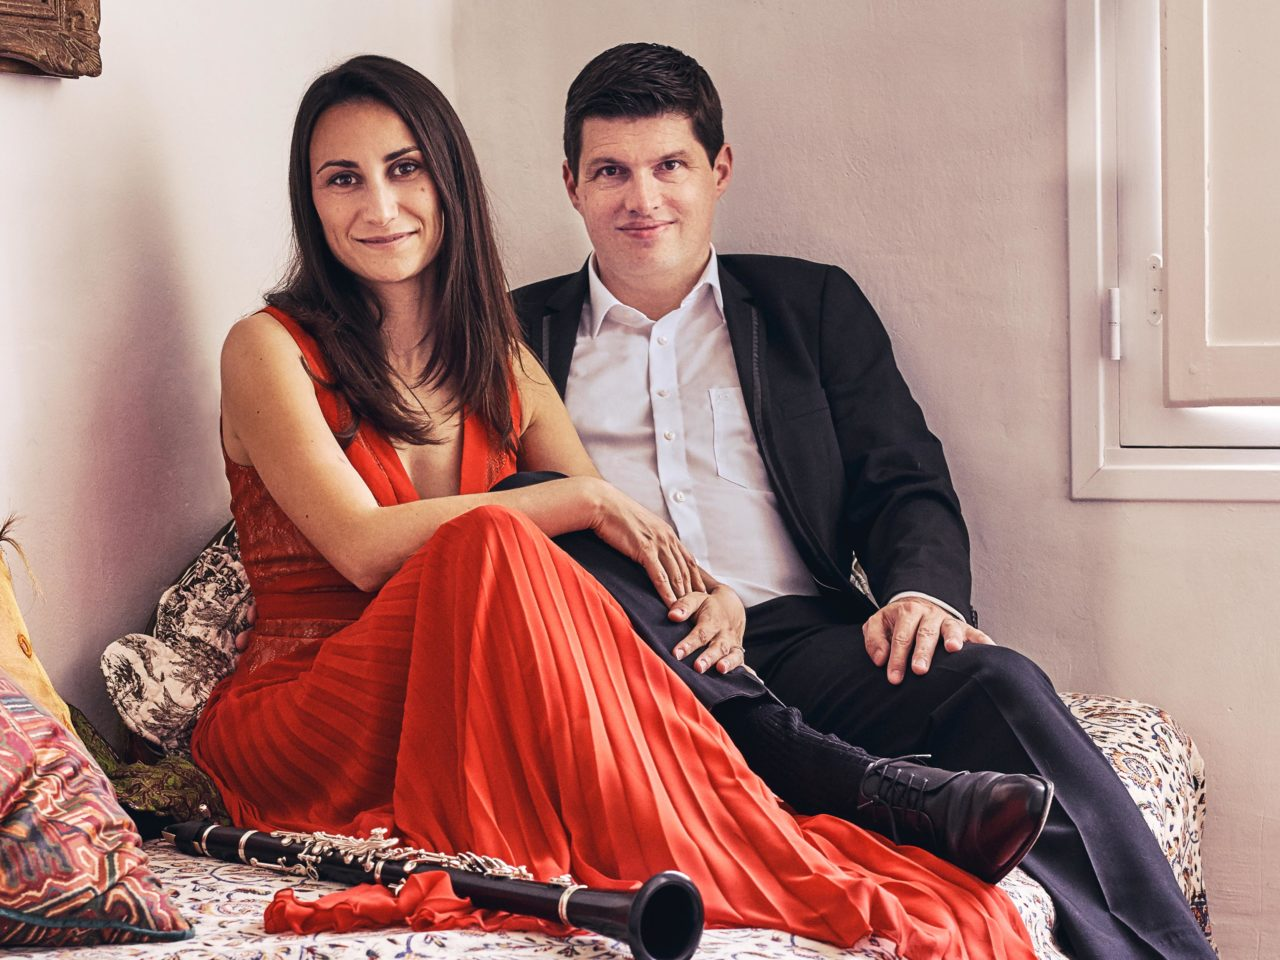 Une remarquable complicité musicale entre Eva Villegas et Brice Montagnoux